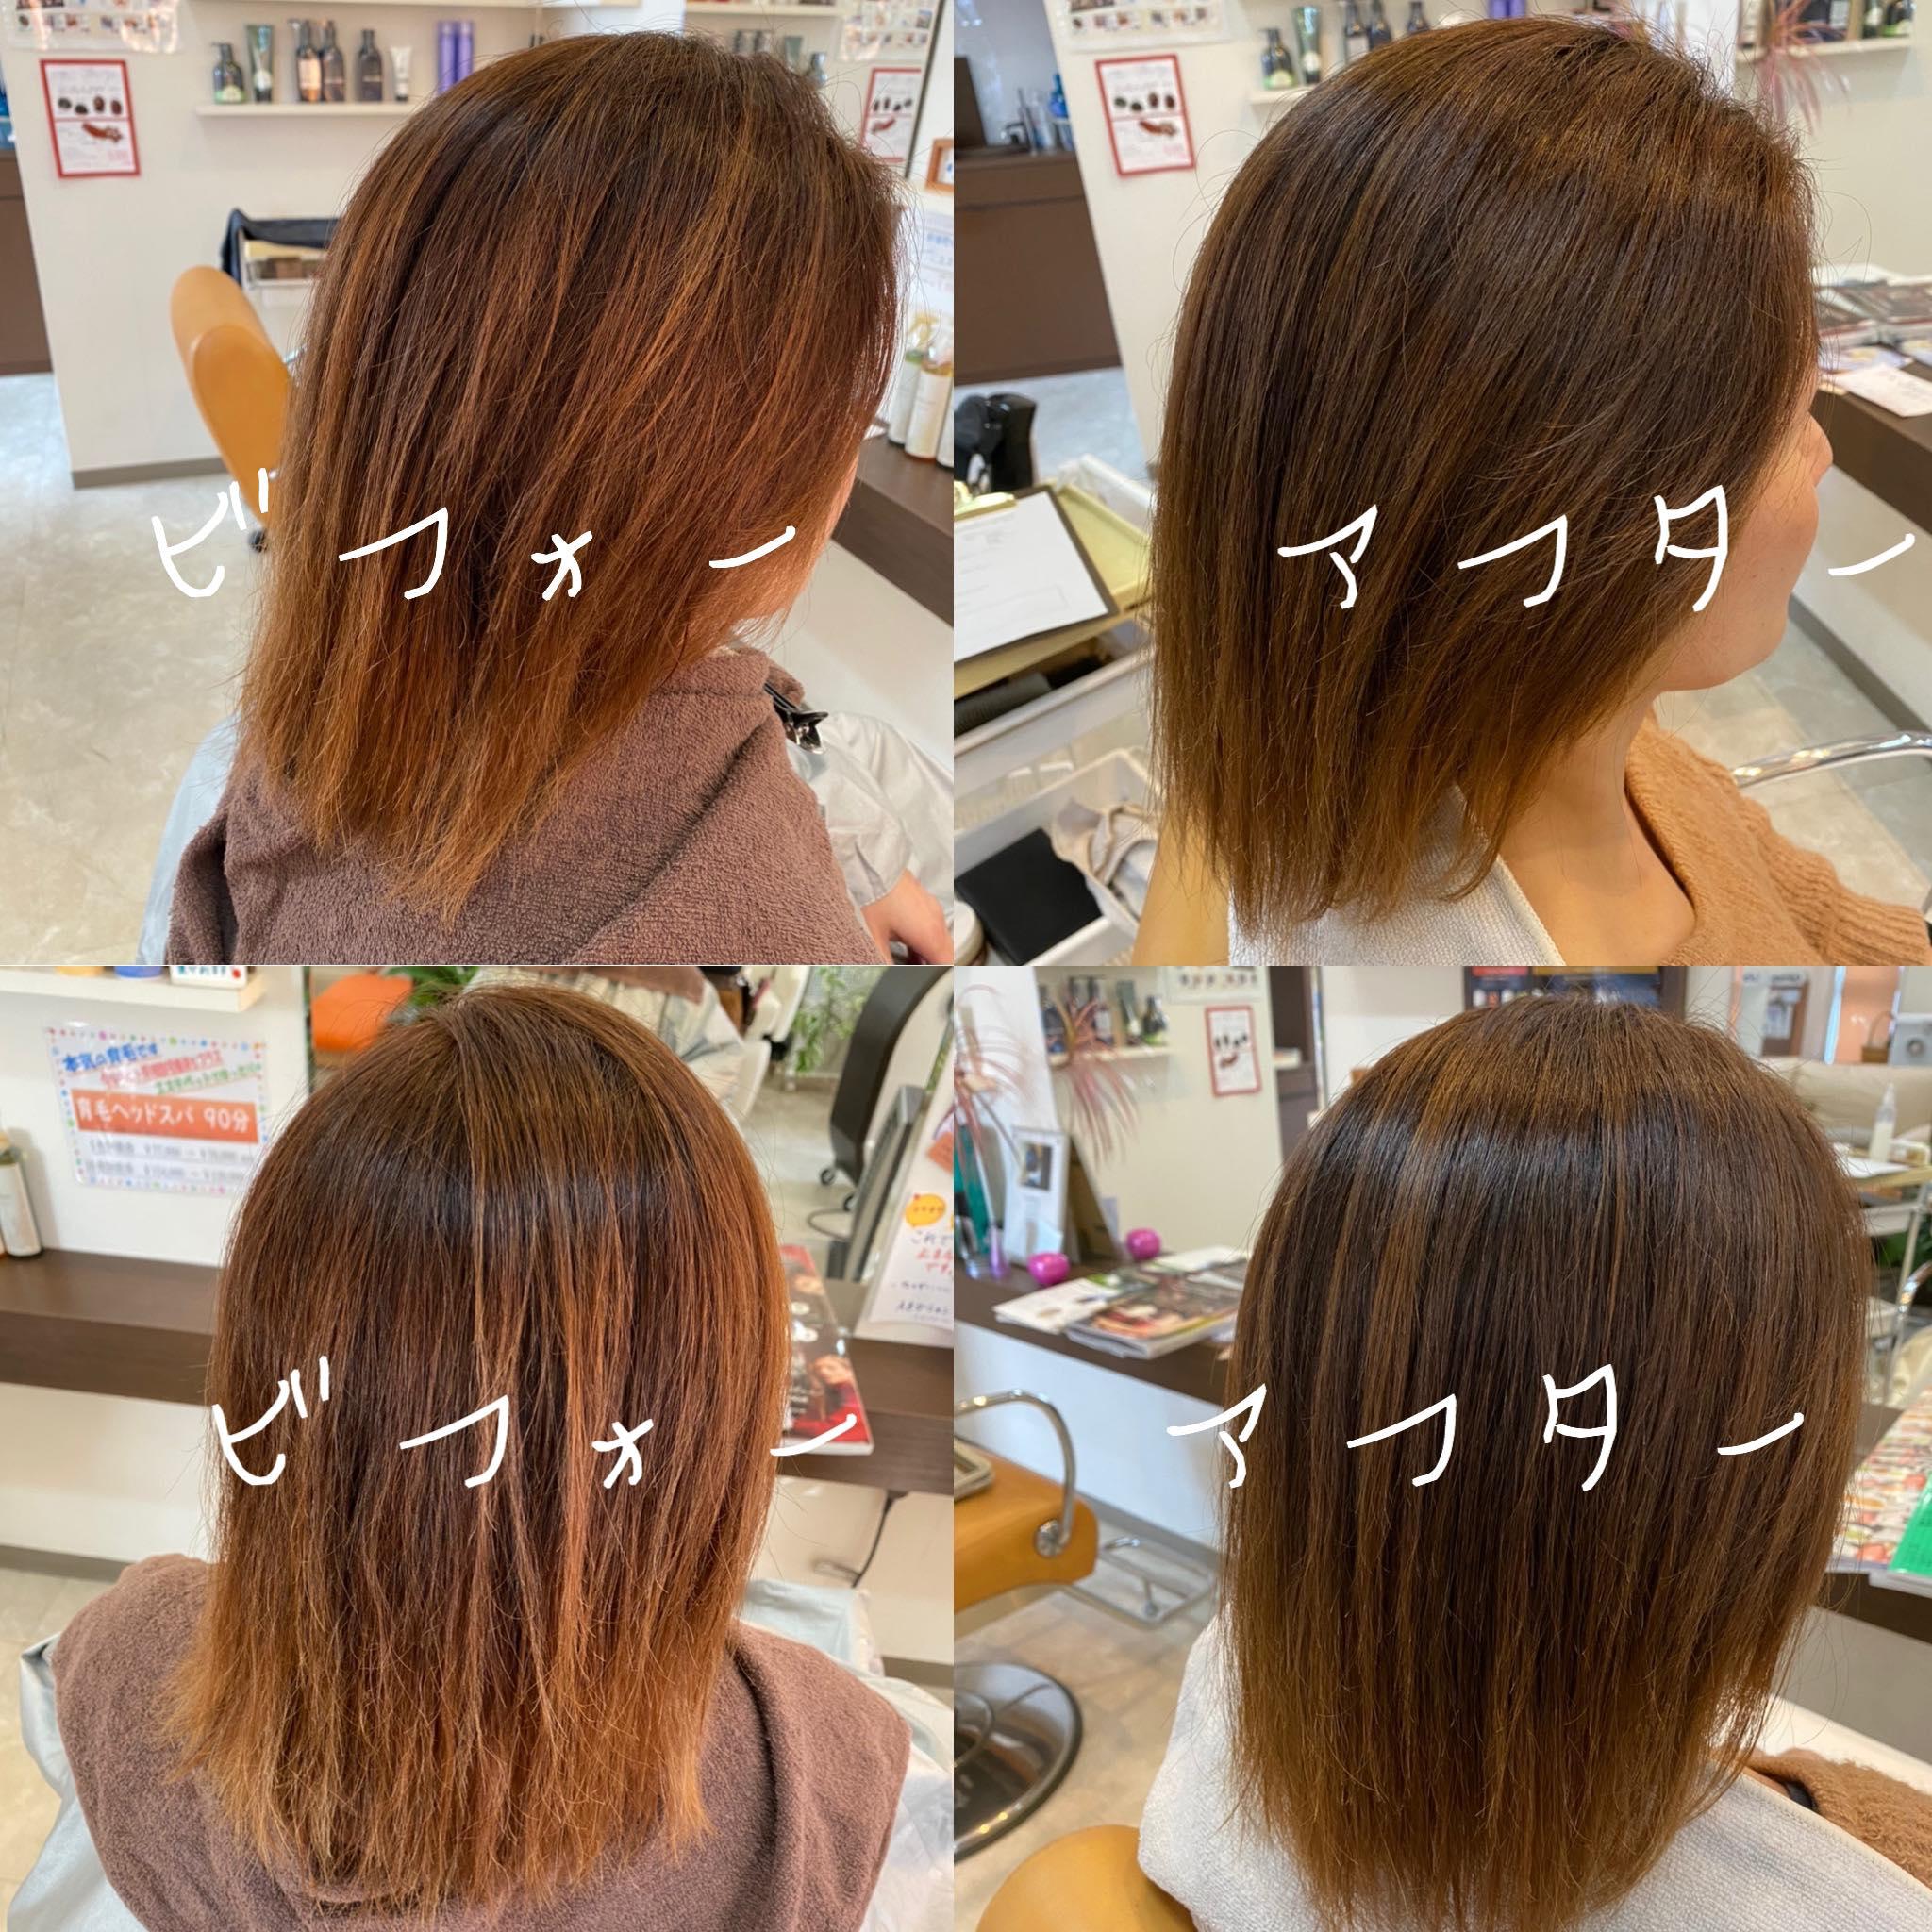 髪と頭皮のトラブルや悩みはインフィニット・ヘアワークスへ